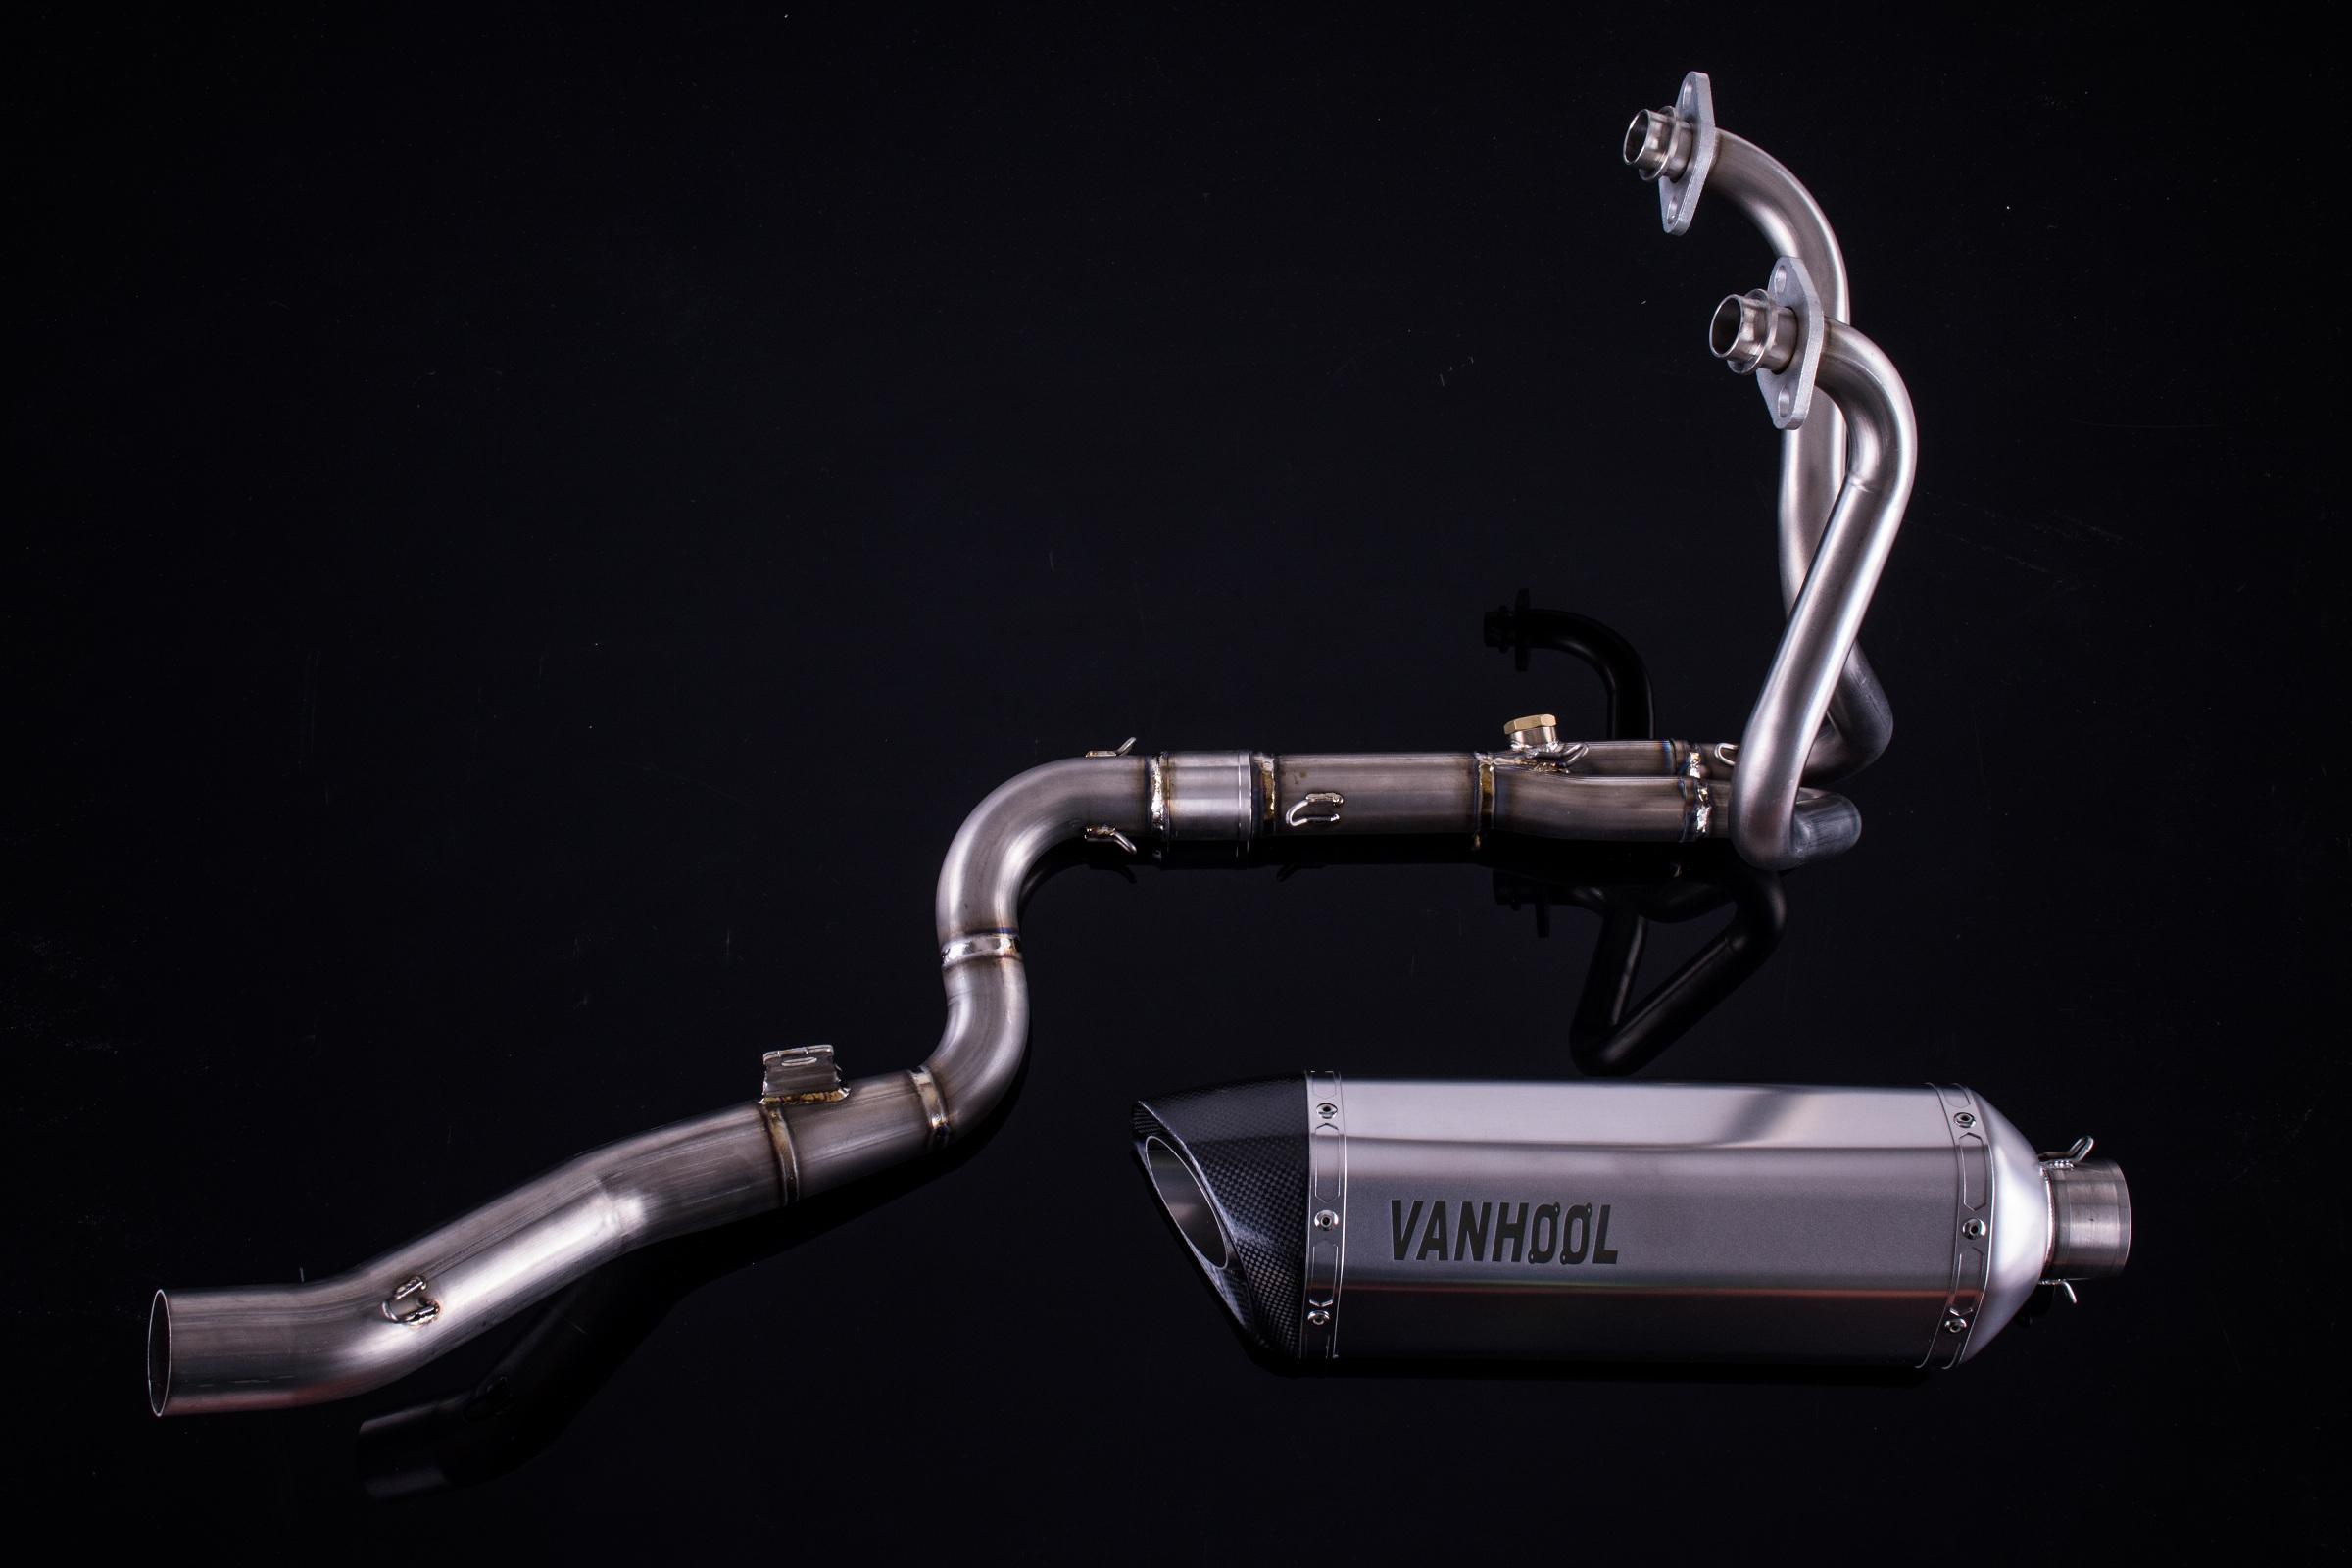 摩托车川崎忍者kawasaki Ninja250钛合金碳纤维排气管